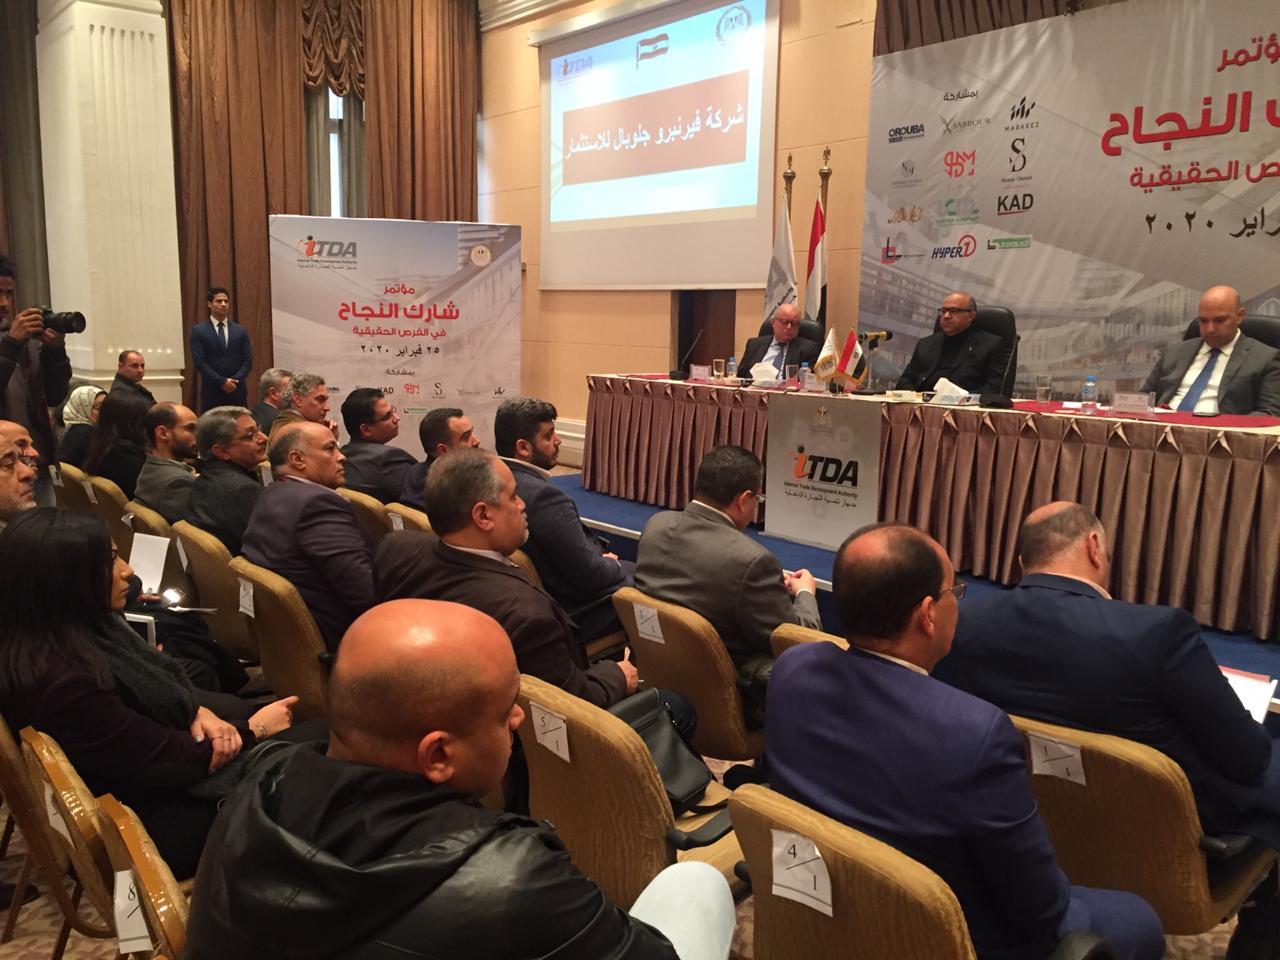 المؤتمر الصحفى لجهاز تنمية التجارة الداخلية بوزارة التموين  (1)